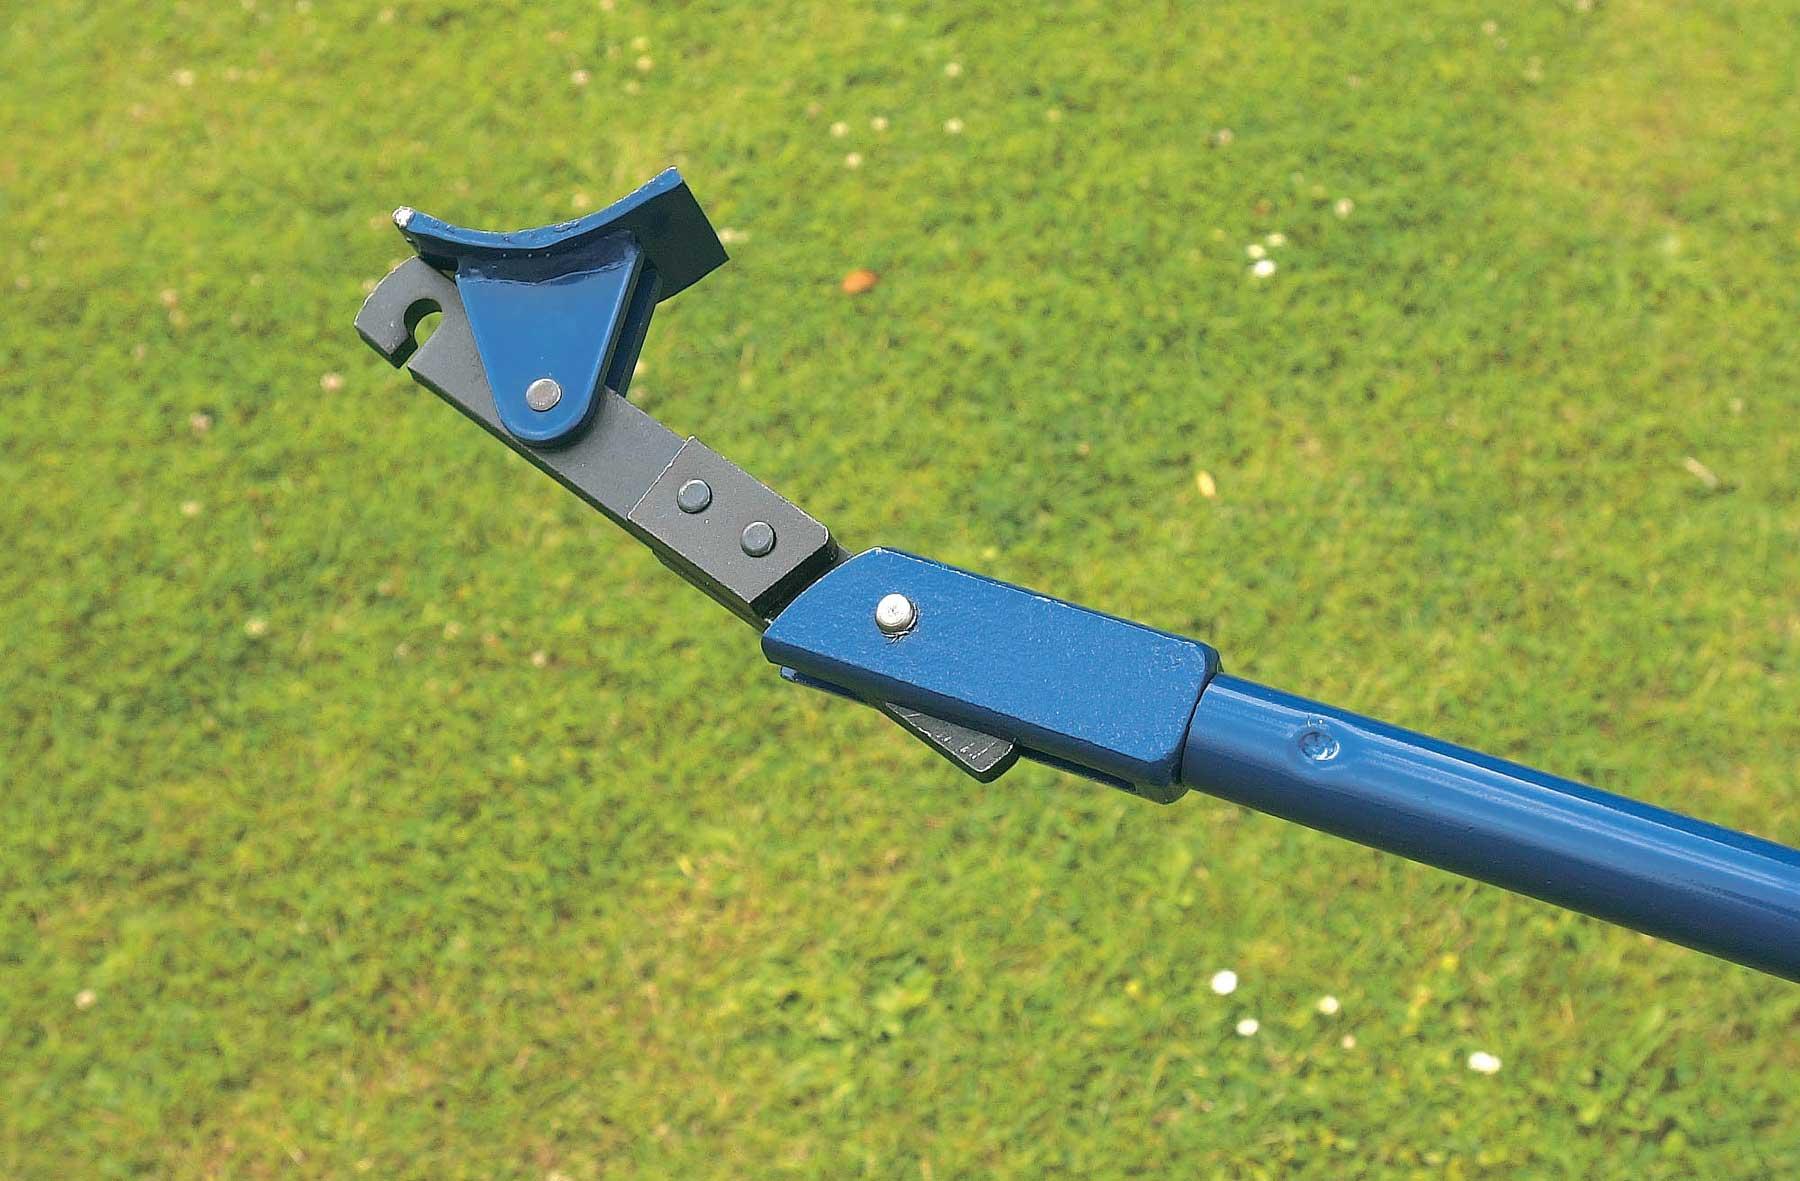 Draper 57547 FWTT Draper Fence Wire Tensioning Tool | Draper 57547 ...